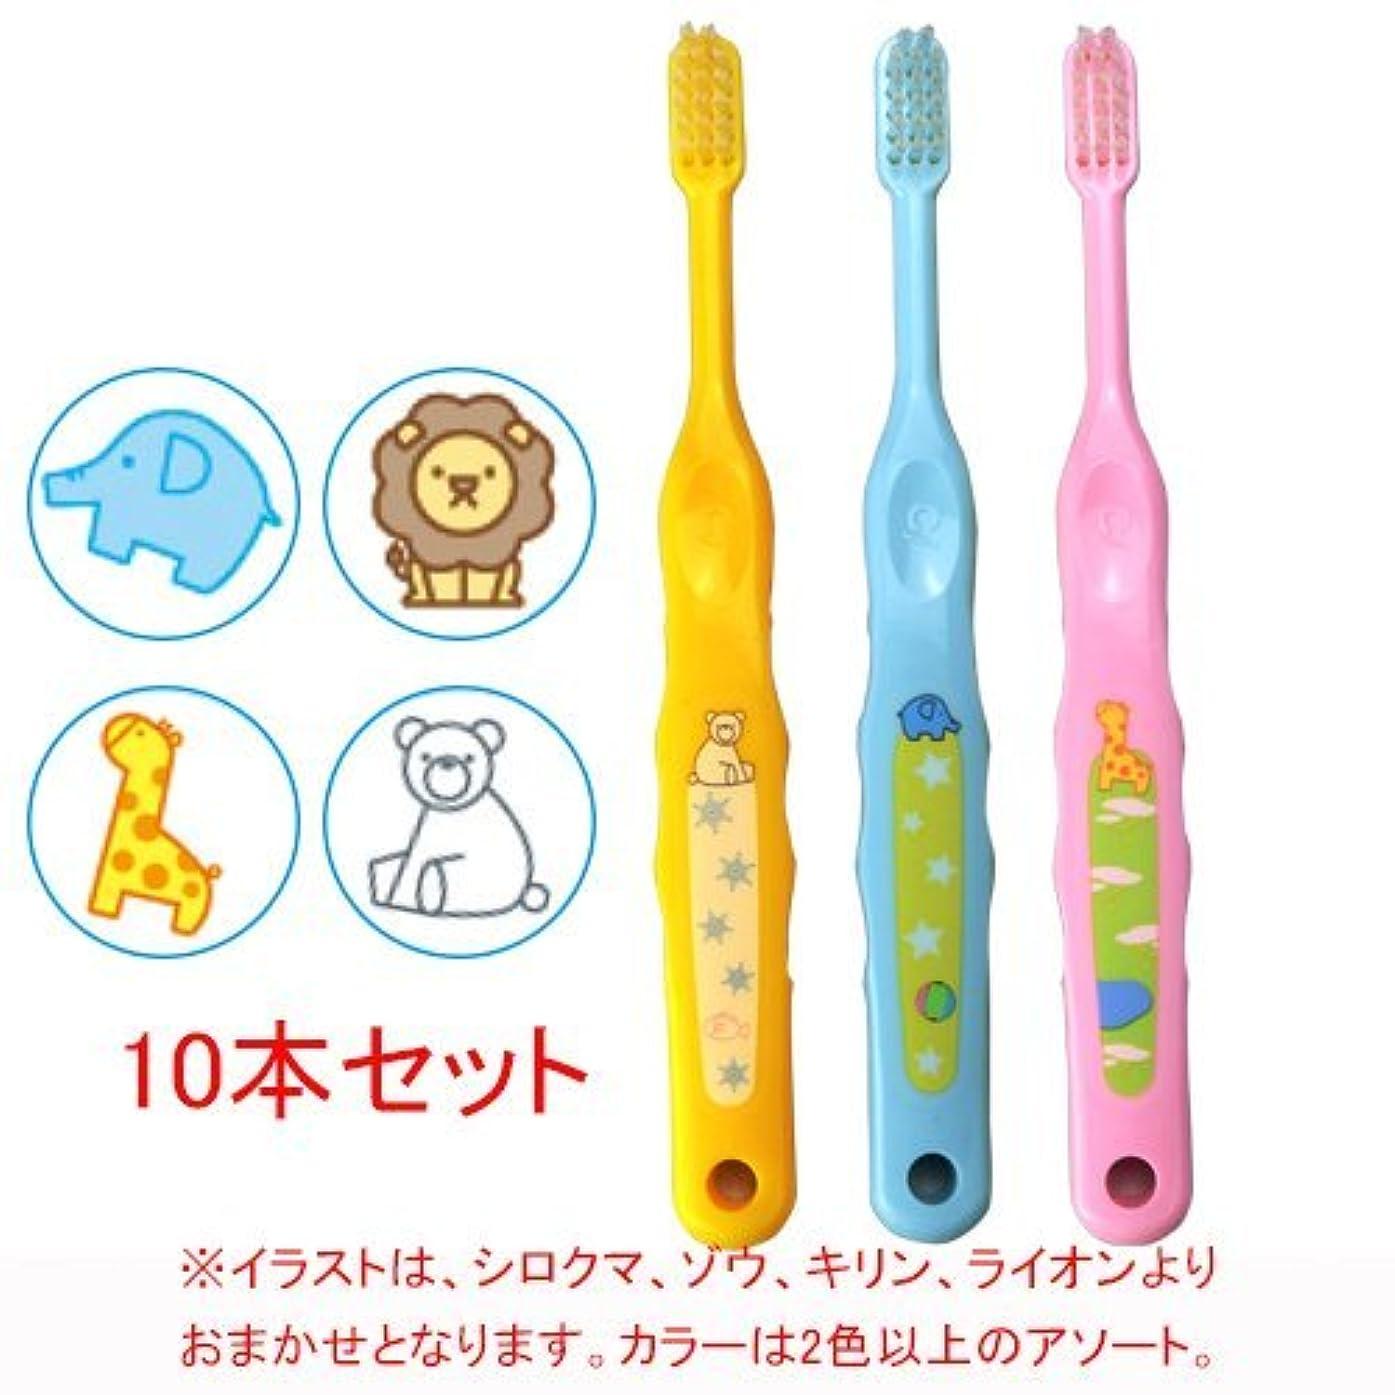 狐信頼性のある教育Ciメディカル Ci なまえ歯ブラシ 502 (ふつう) (乳児~小学生向)10本